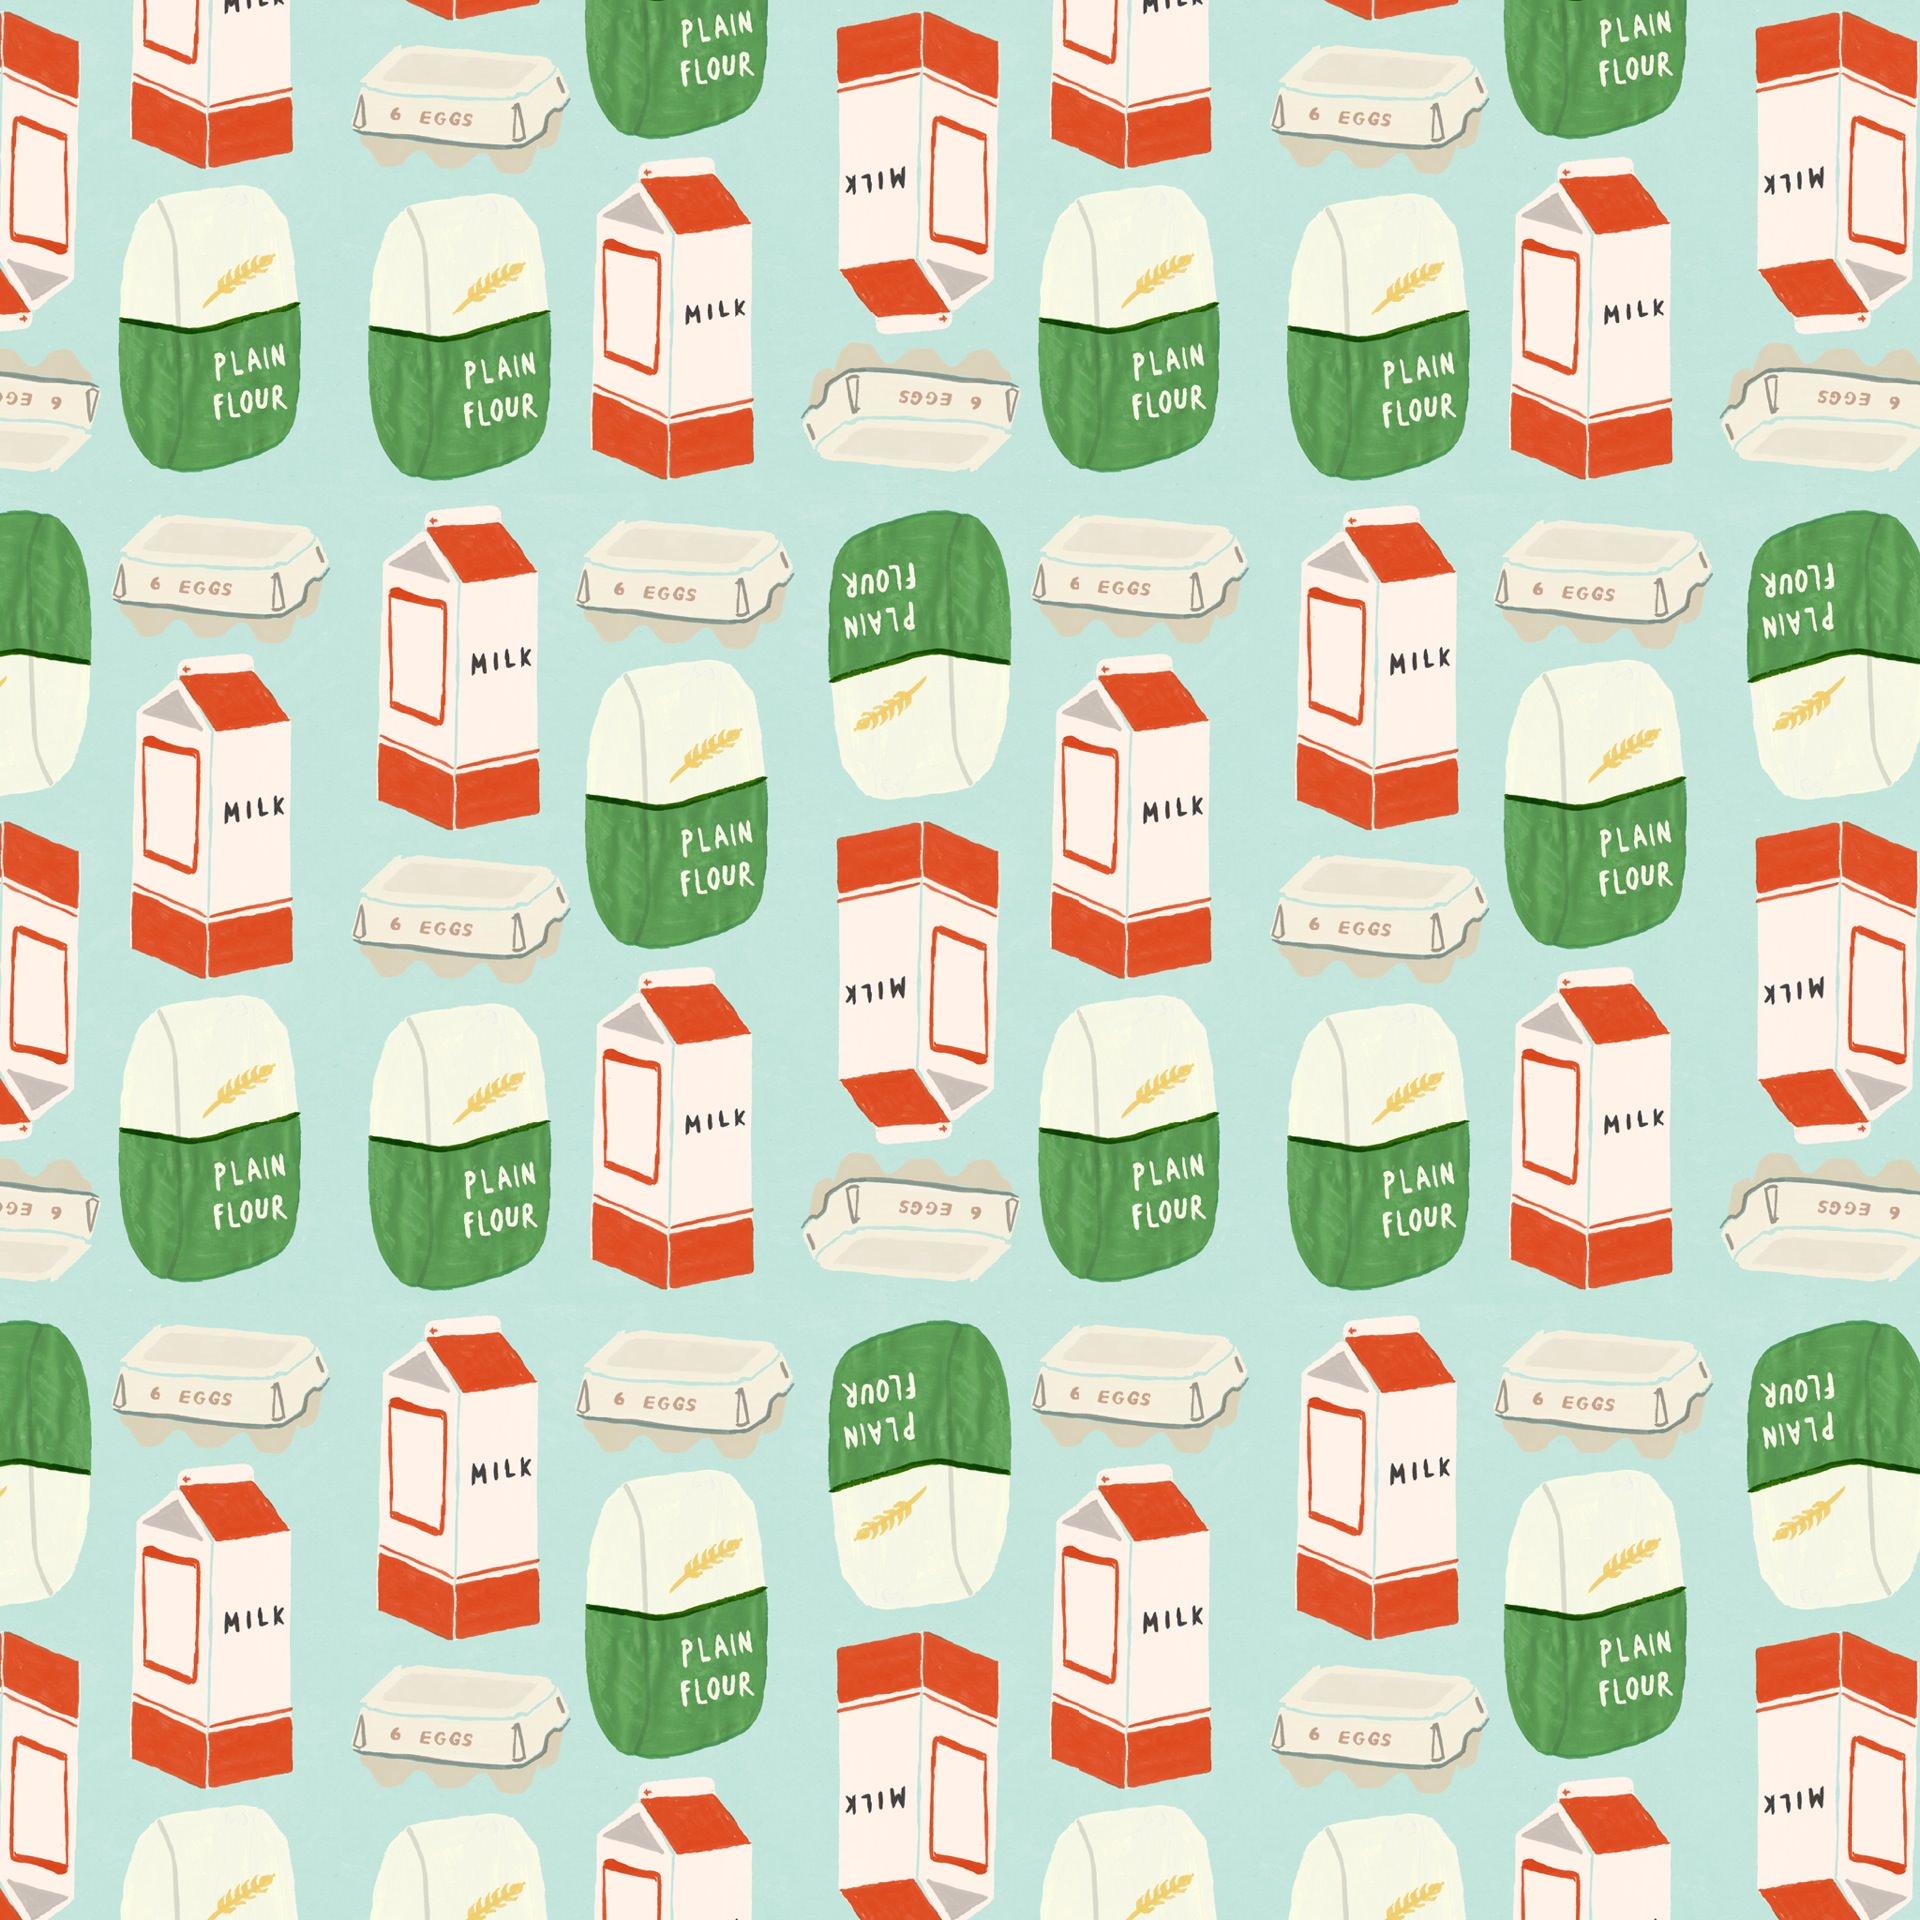 マリメッコ ミルクと小麦粉 Android壁紙 マリメッコ Marimekko